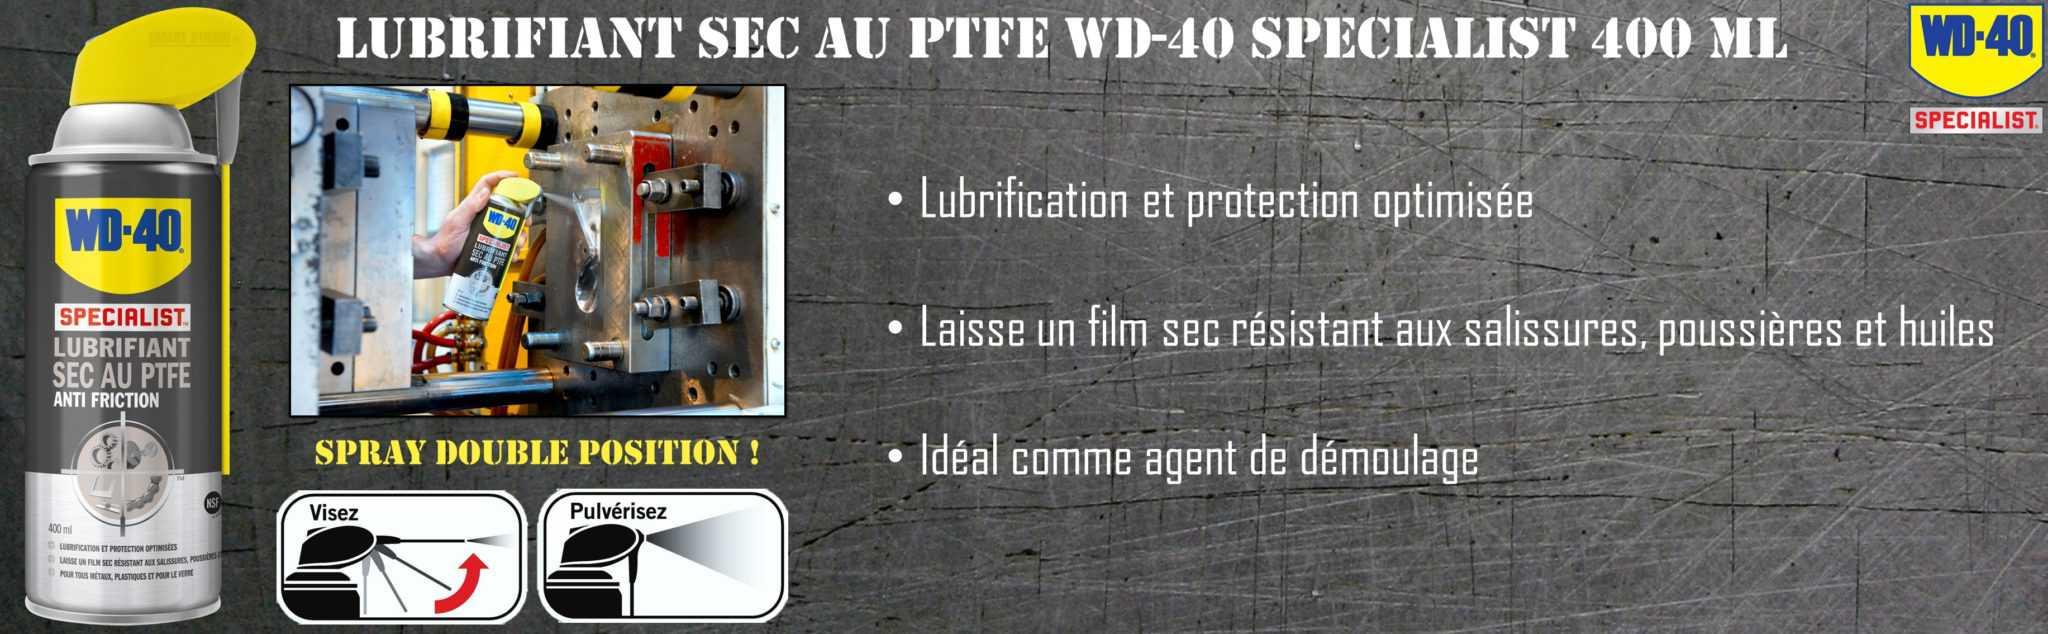 Entretenez votre matériel comme des pros avec la gamme WD-40 Specialist !